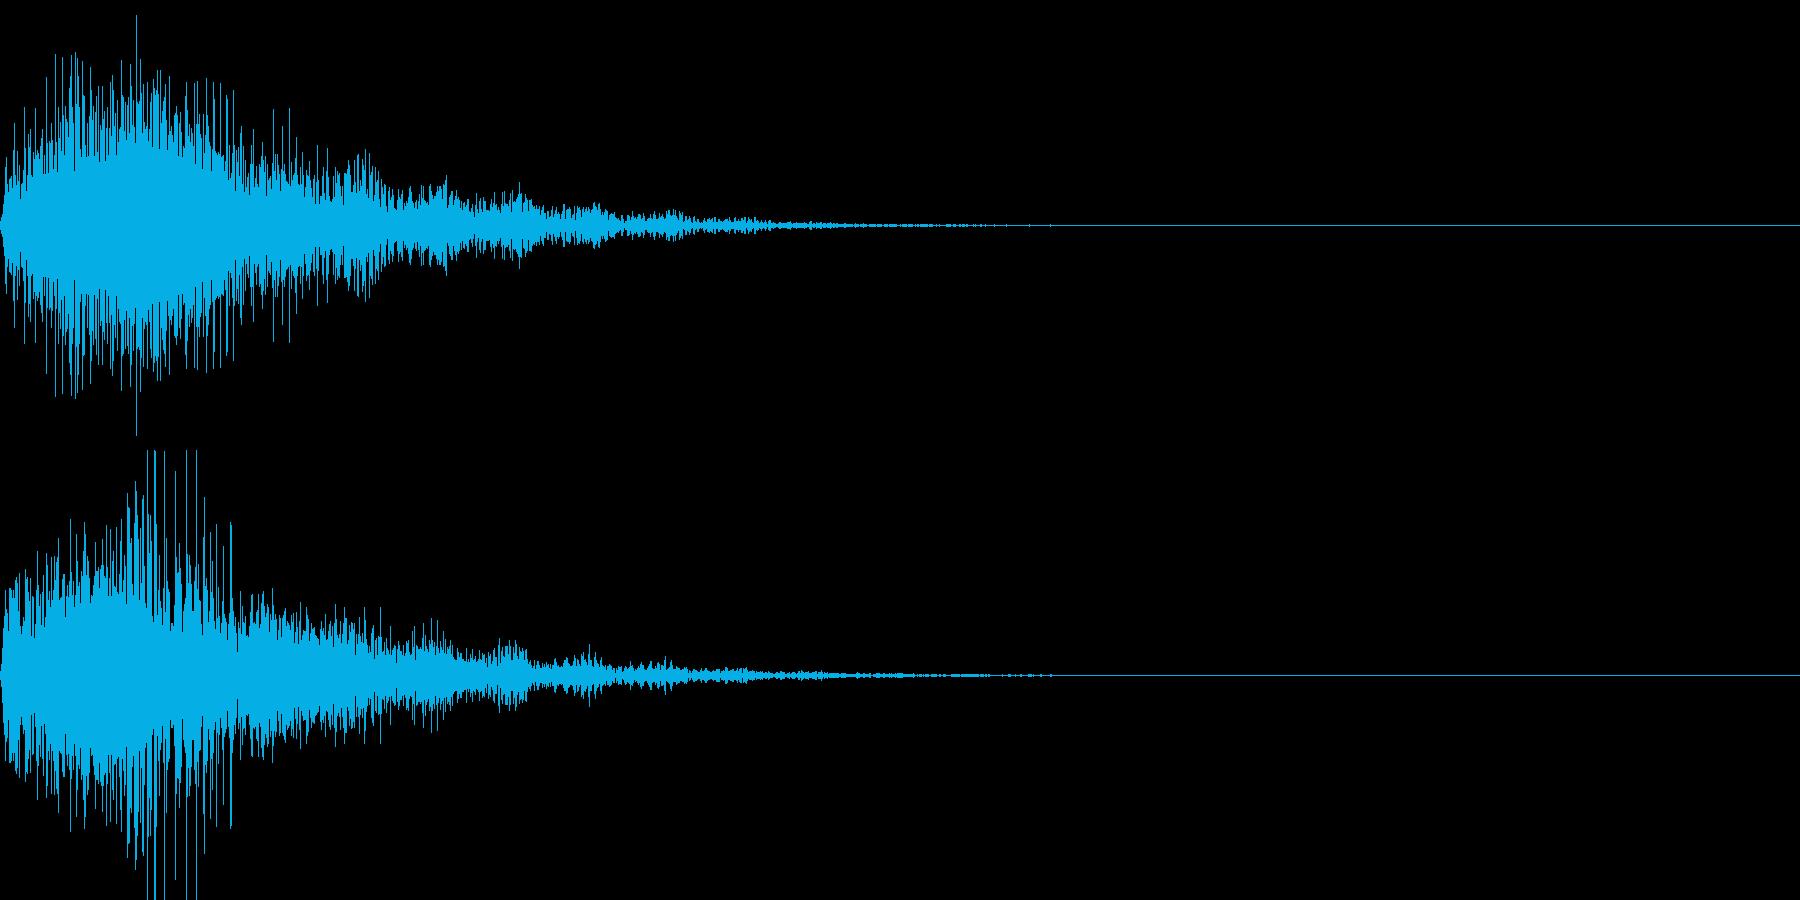 柔らかく弾力性のある物を叩いた音の再生済みの波形